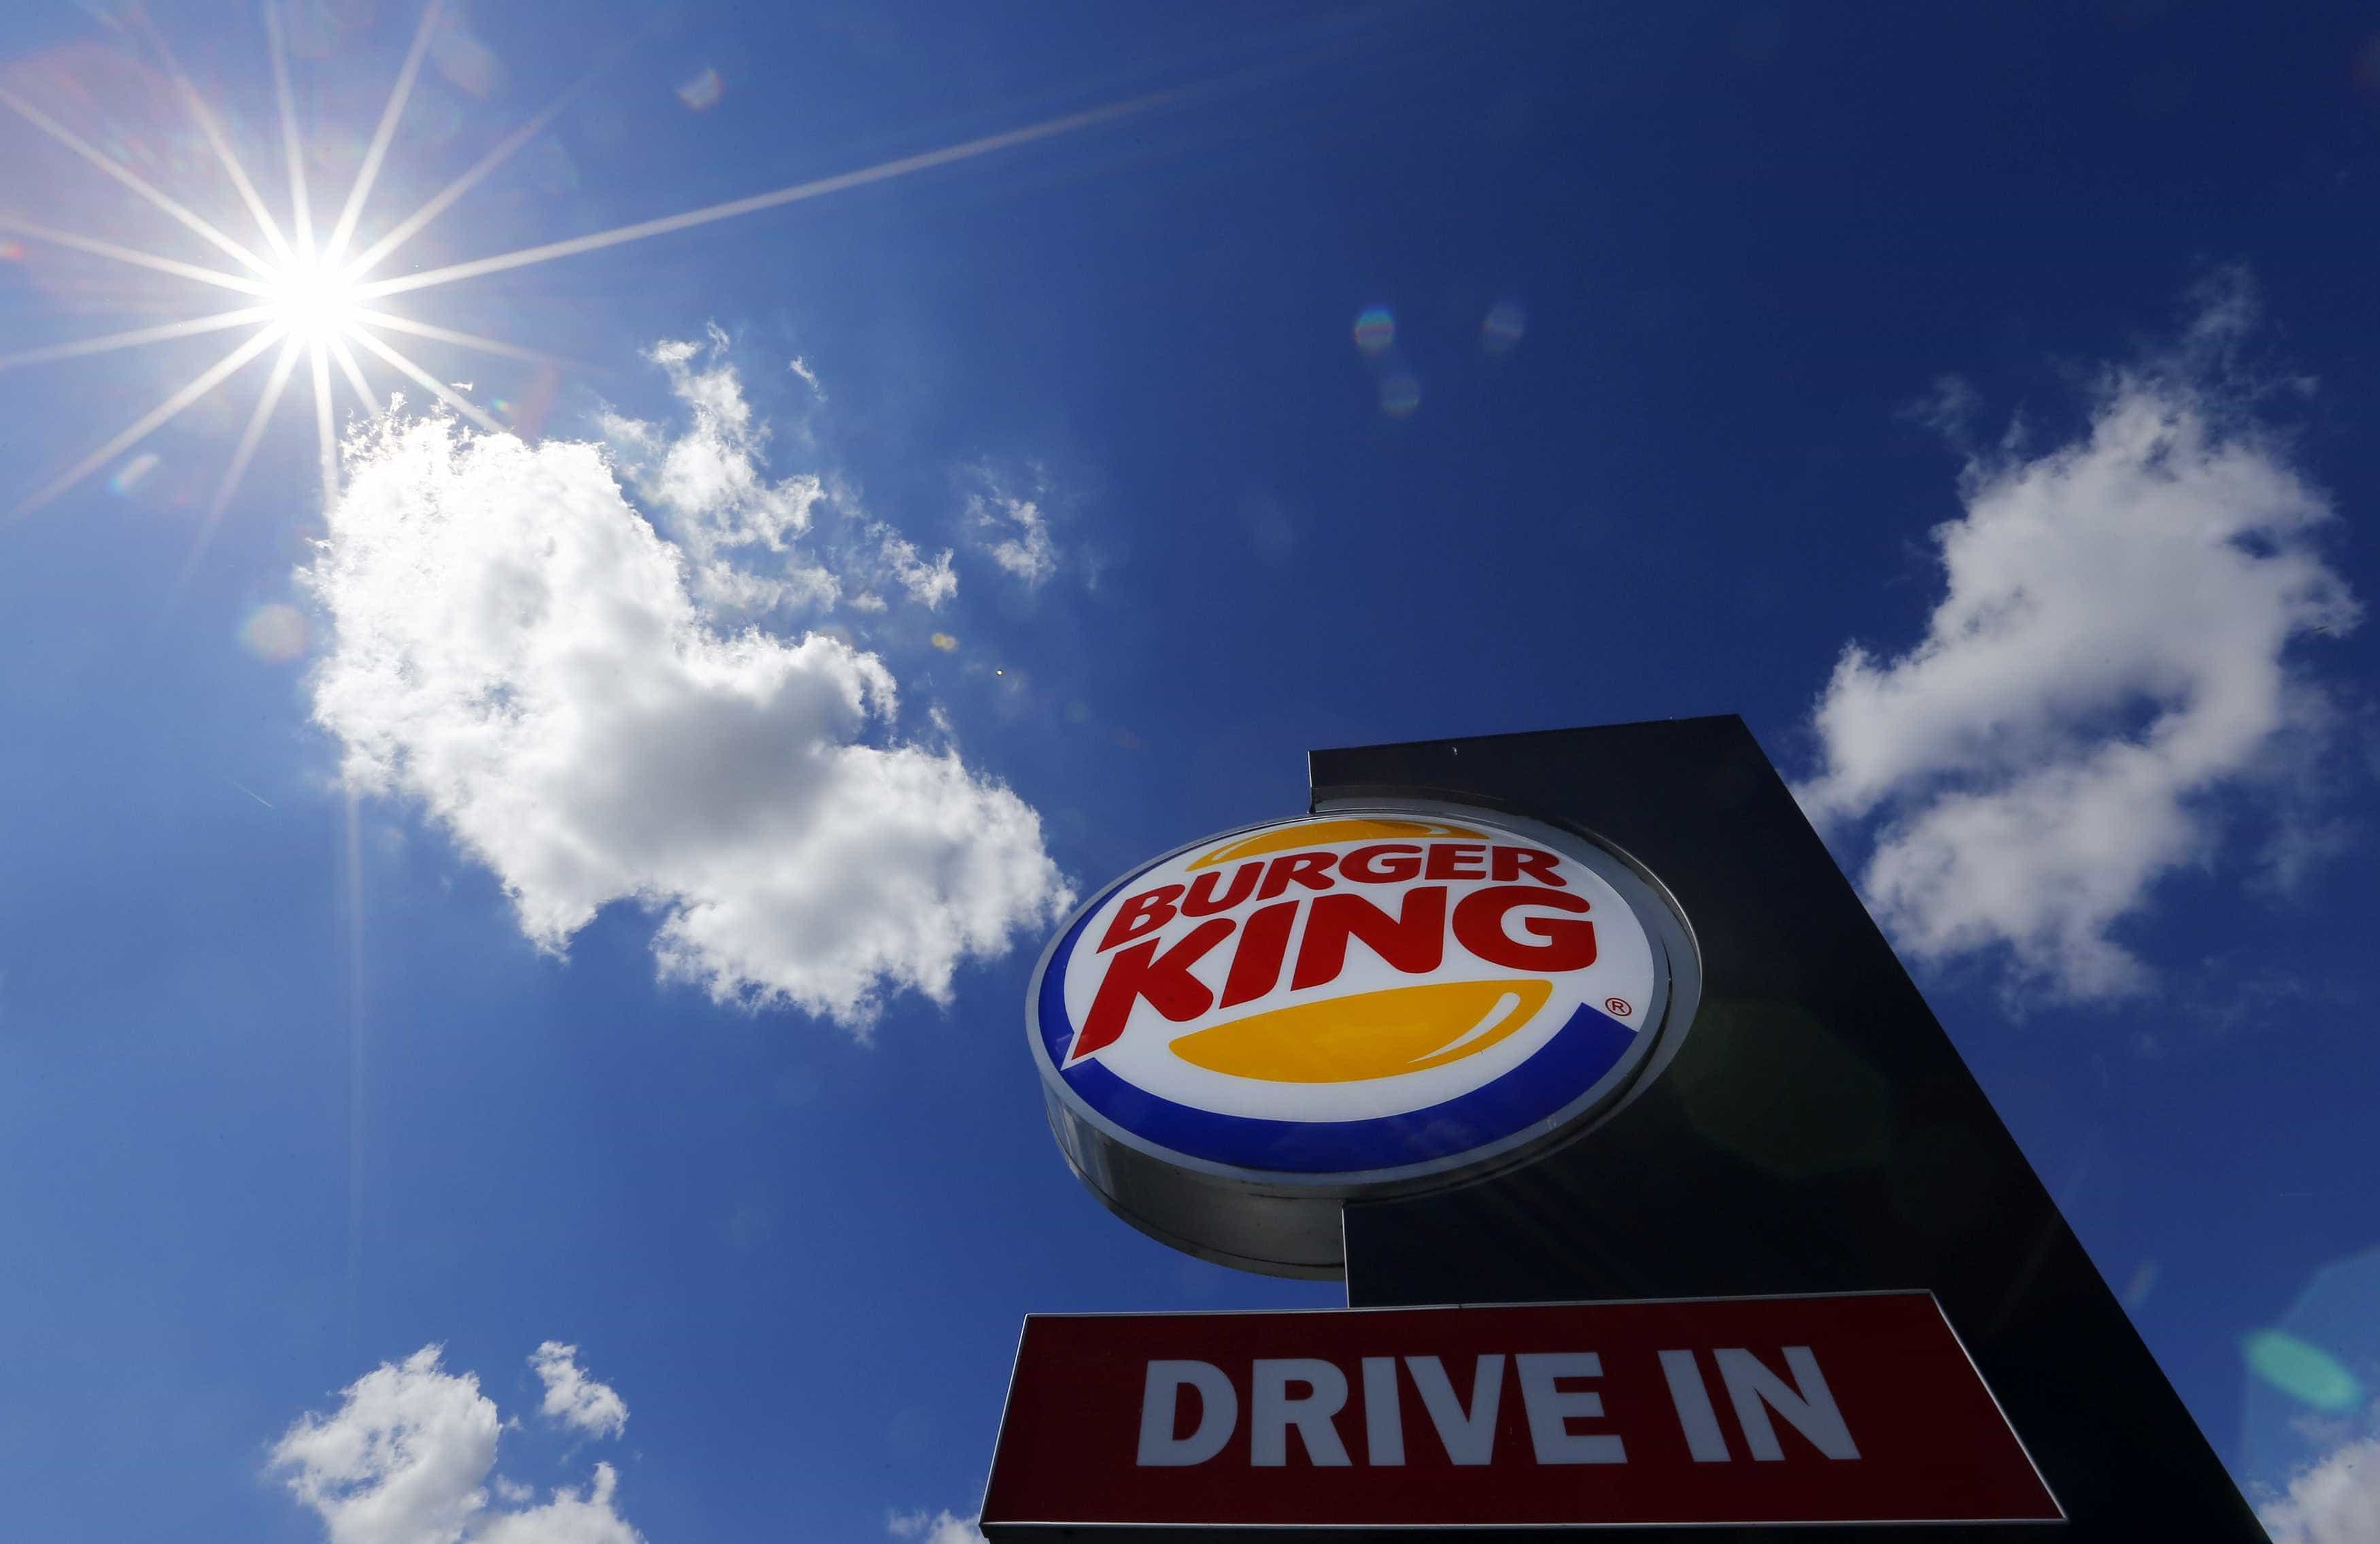 E o prémio de marca mais criativa de 2018 vai para... Burger King